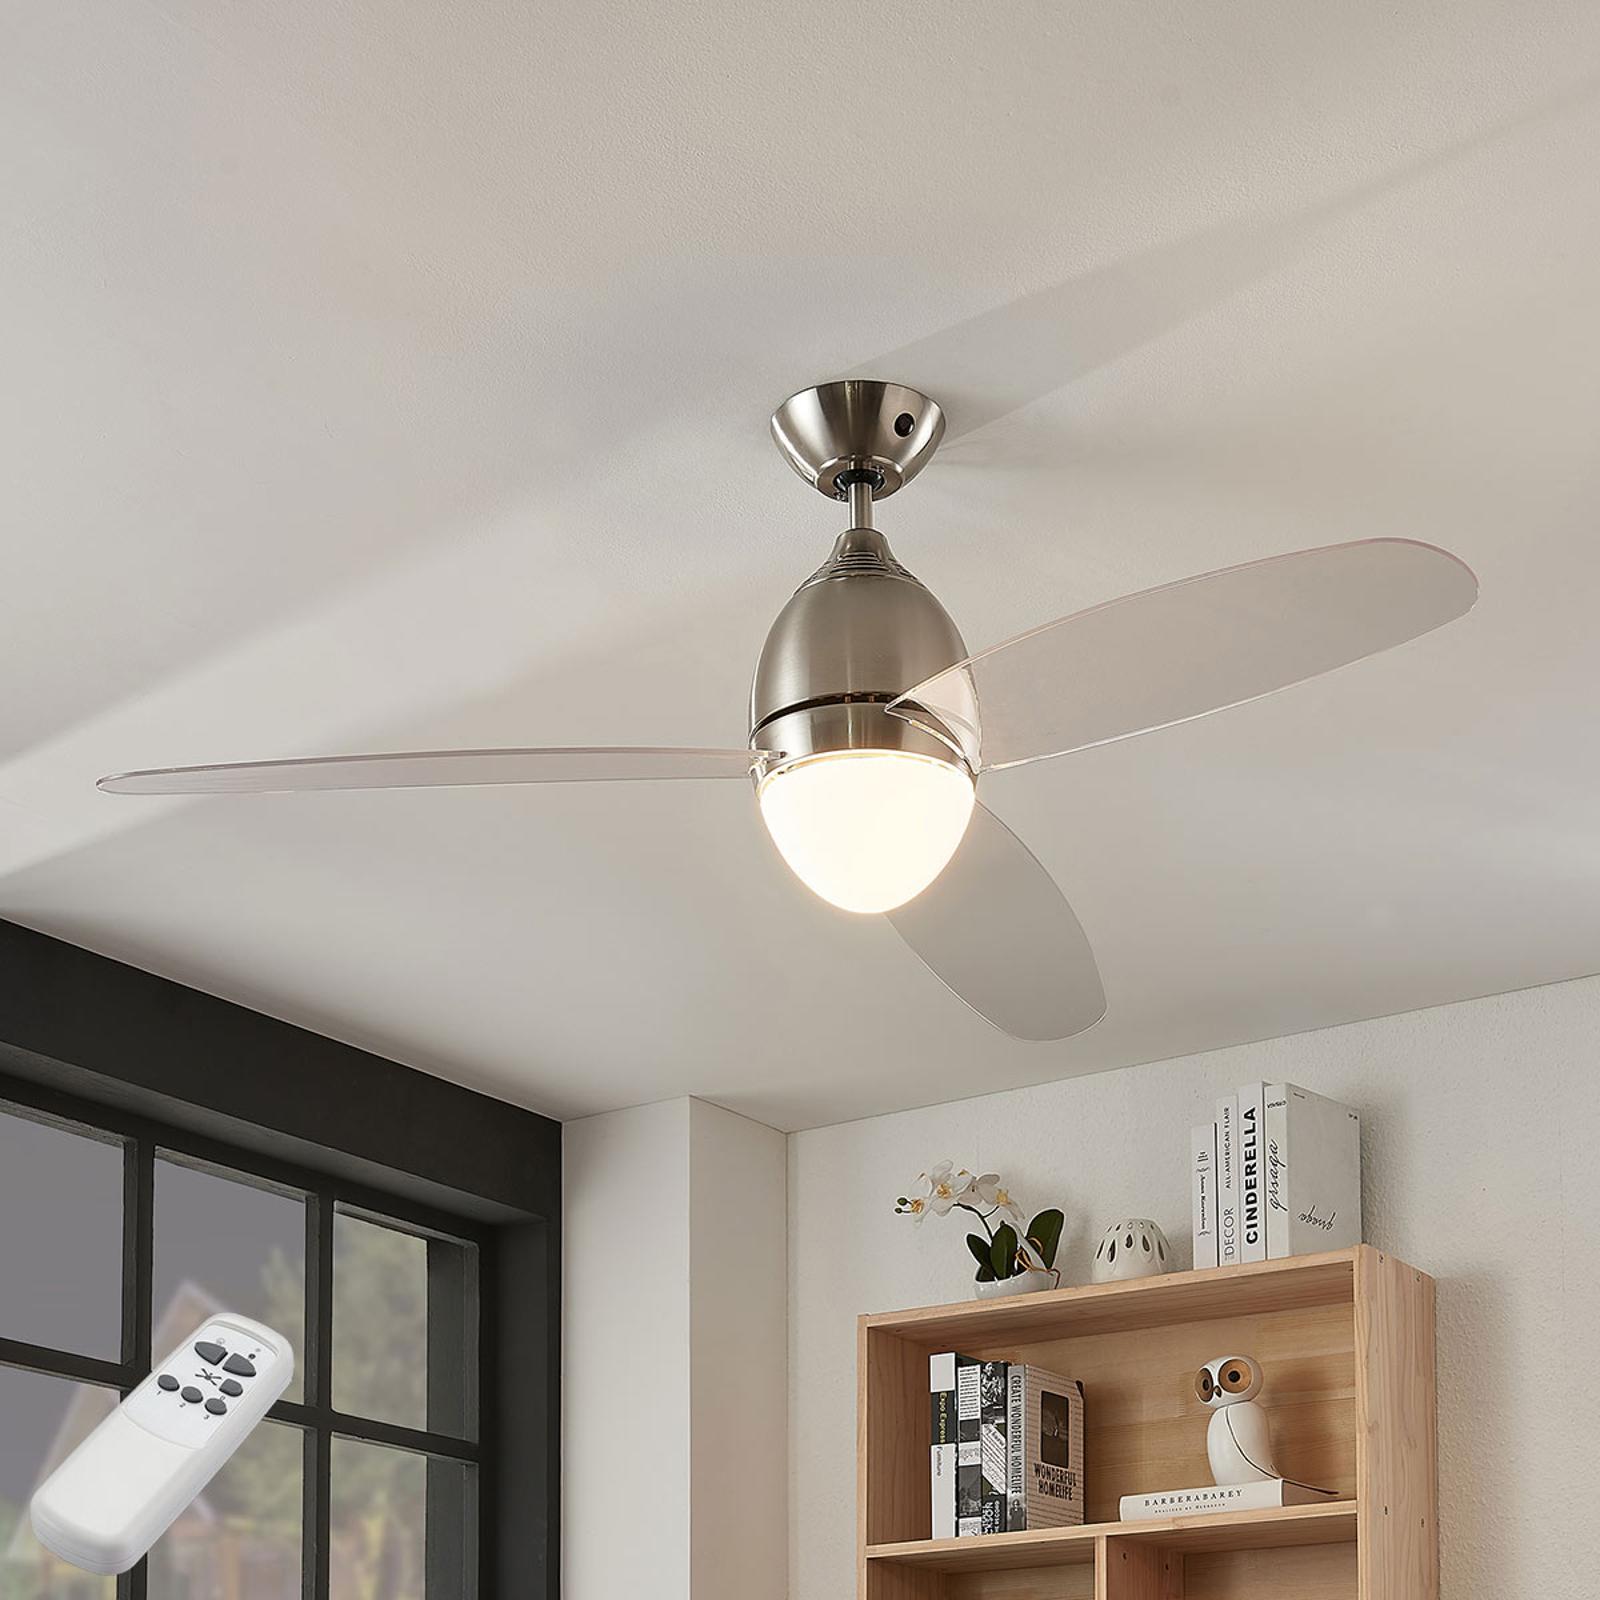 Ventilateur plafond Piara, éclairé, transparent